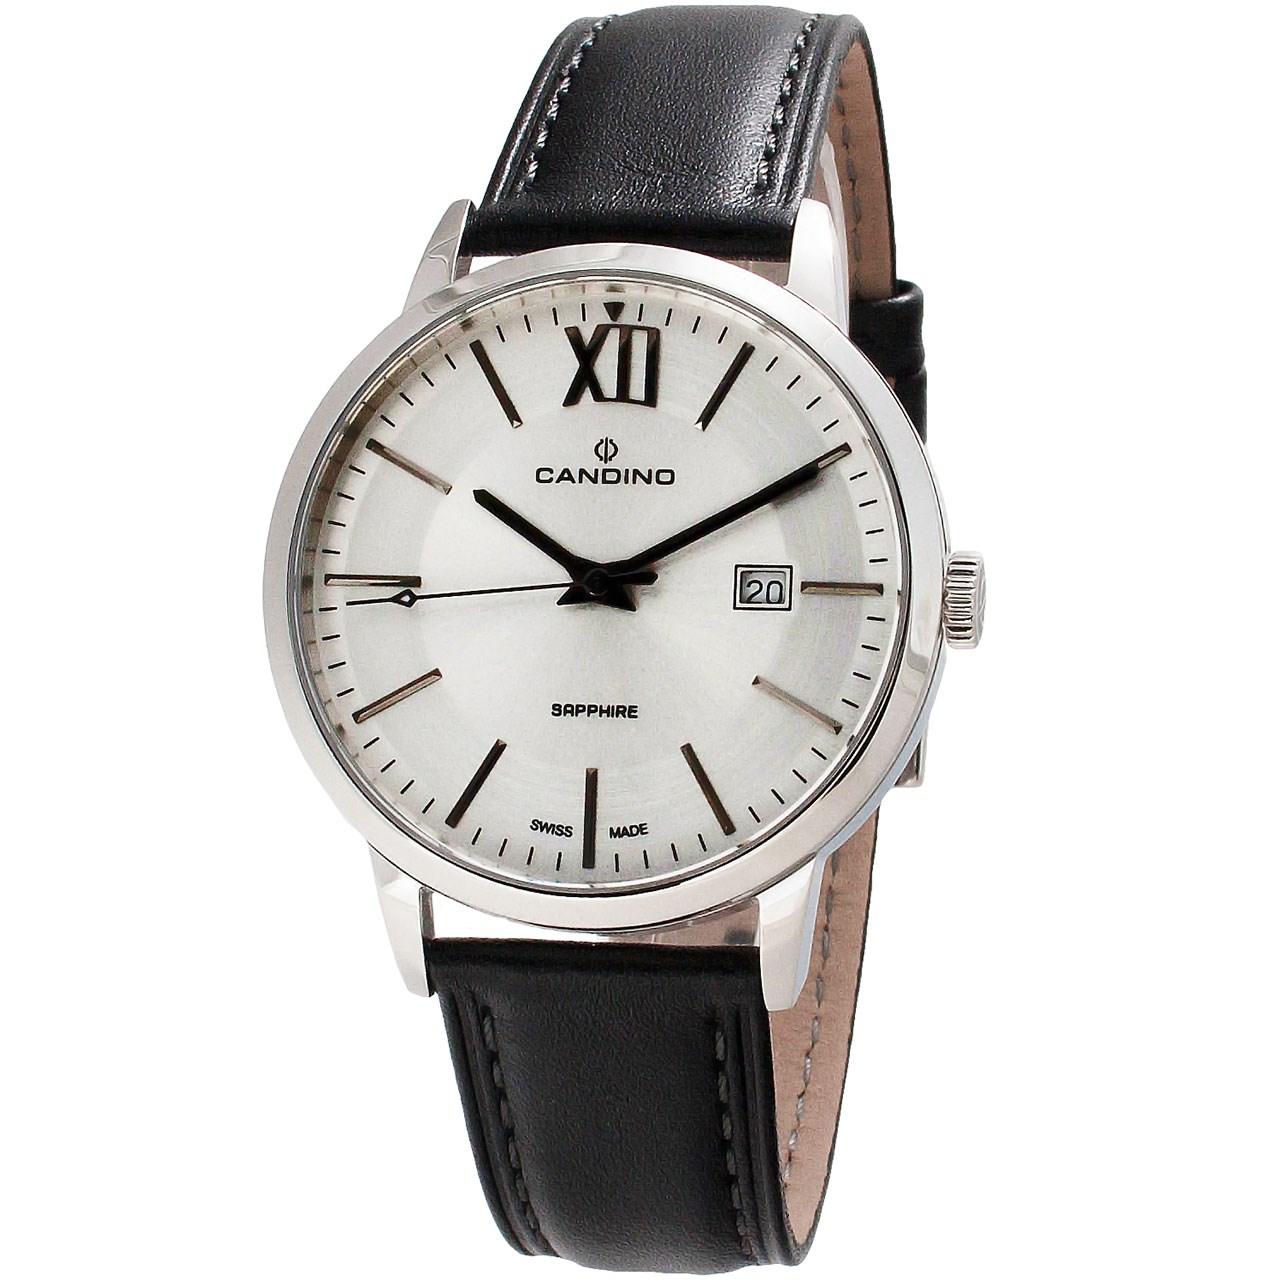 ساعت مچی عقربه ای مردانه کاندینو مدل C4618